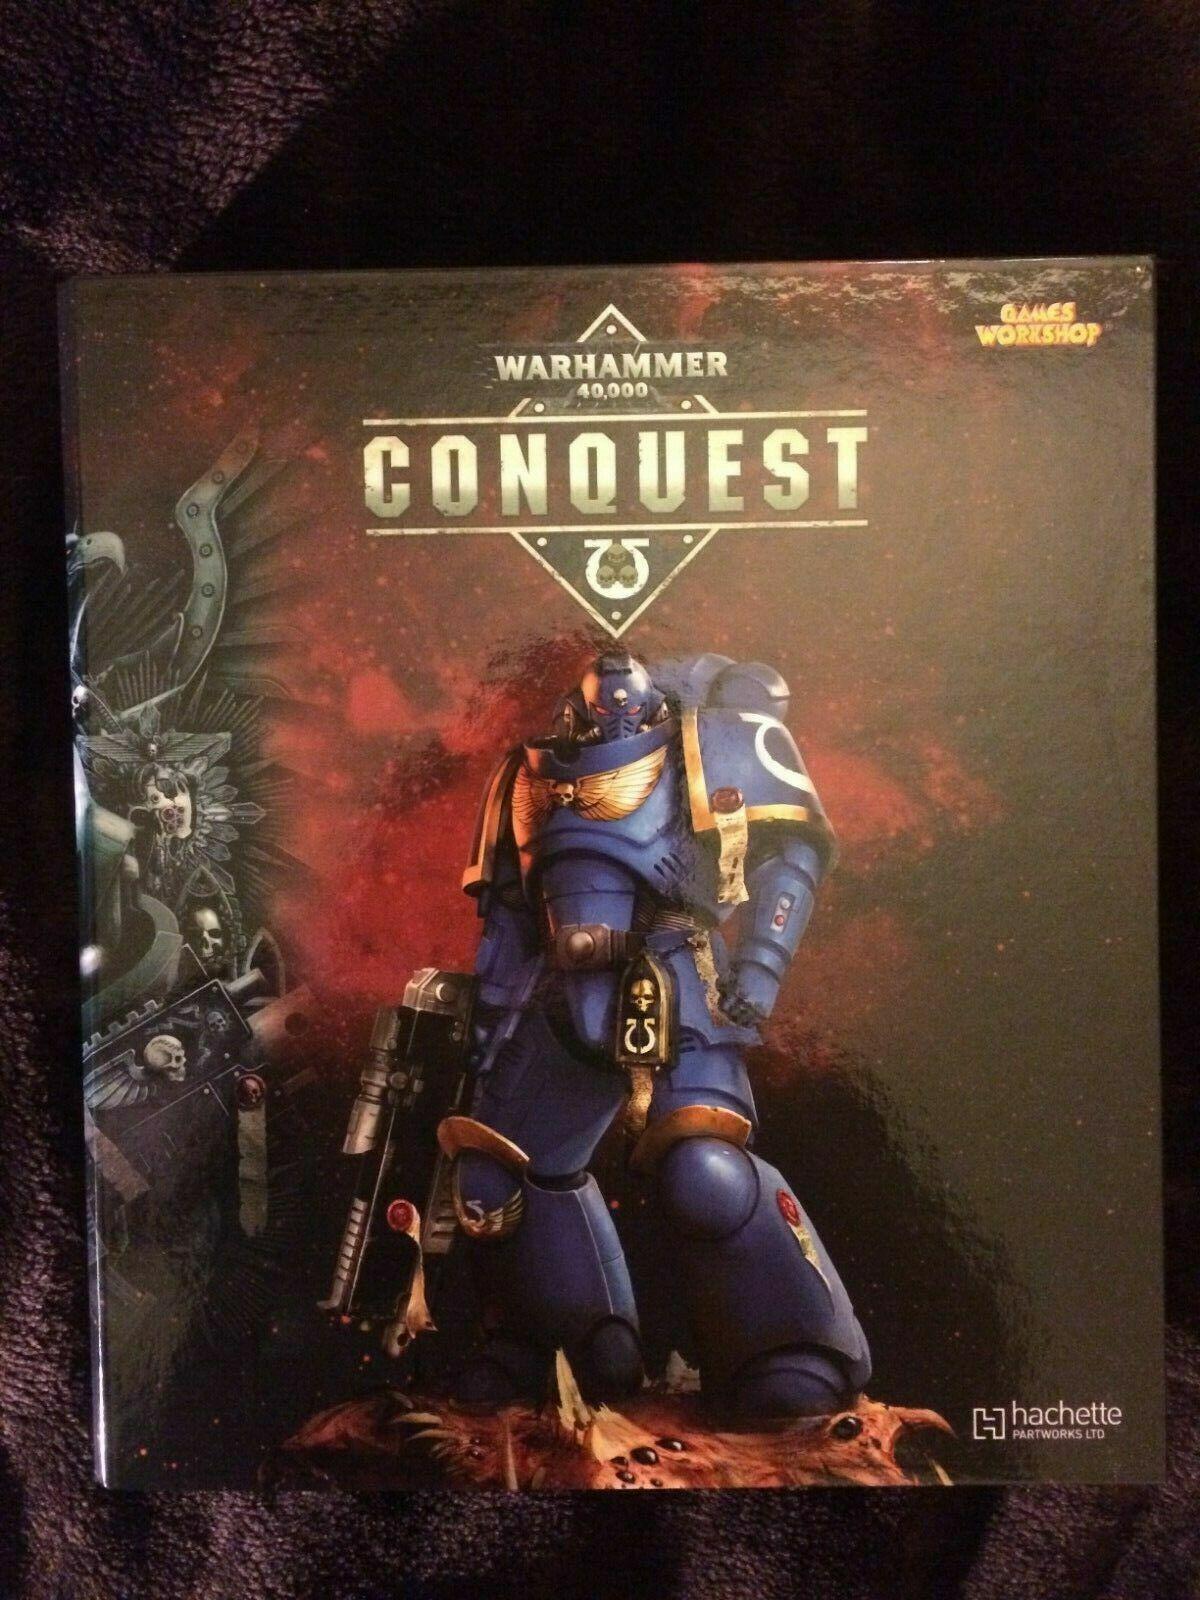 Felices compras Juegos taller Warhammer 40000 Conquest Binder nuevo titular titular titular de la revista Nuevo Hachette  Venta en línea precio bajo descuento